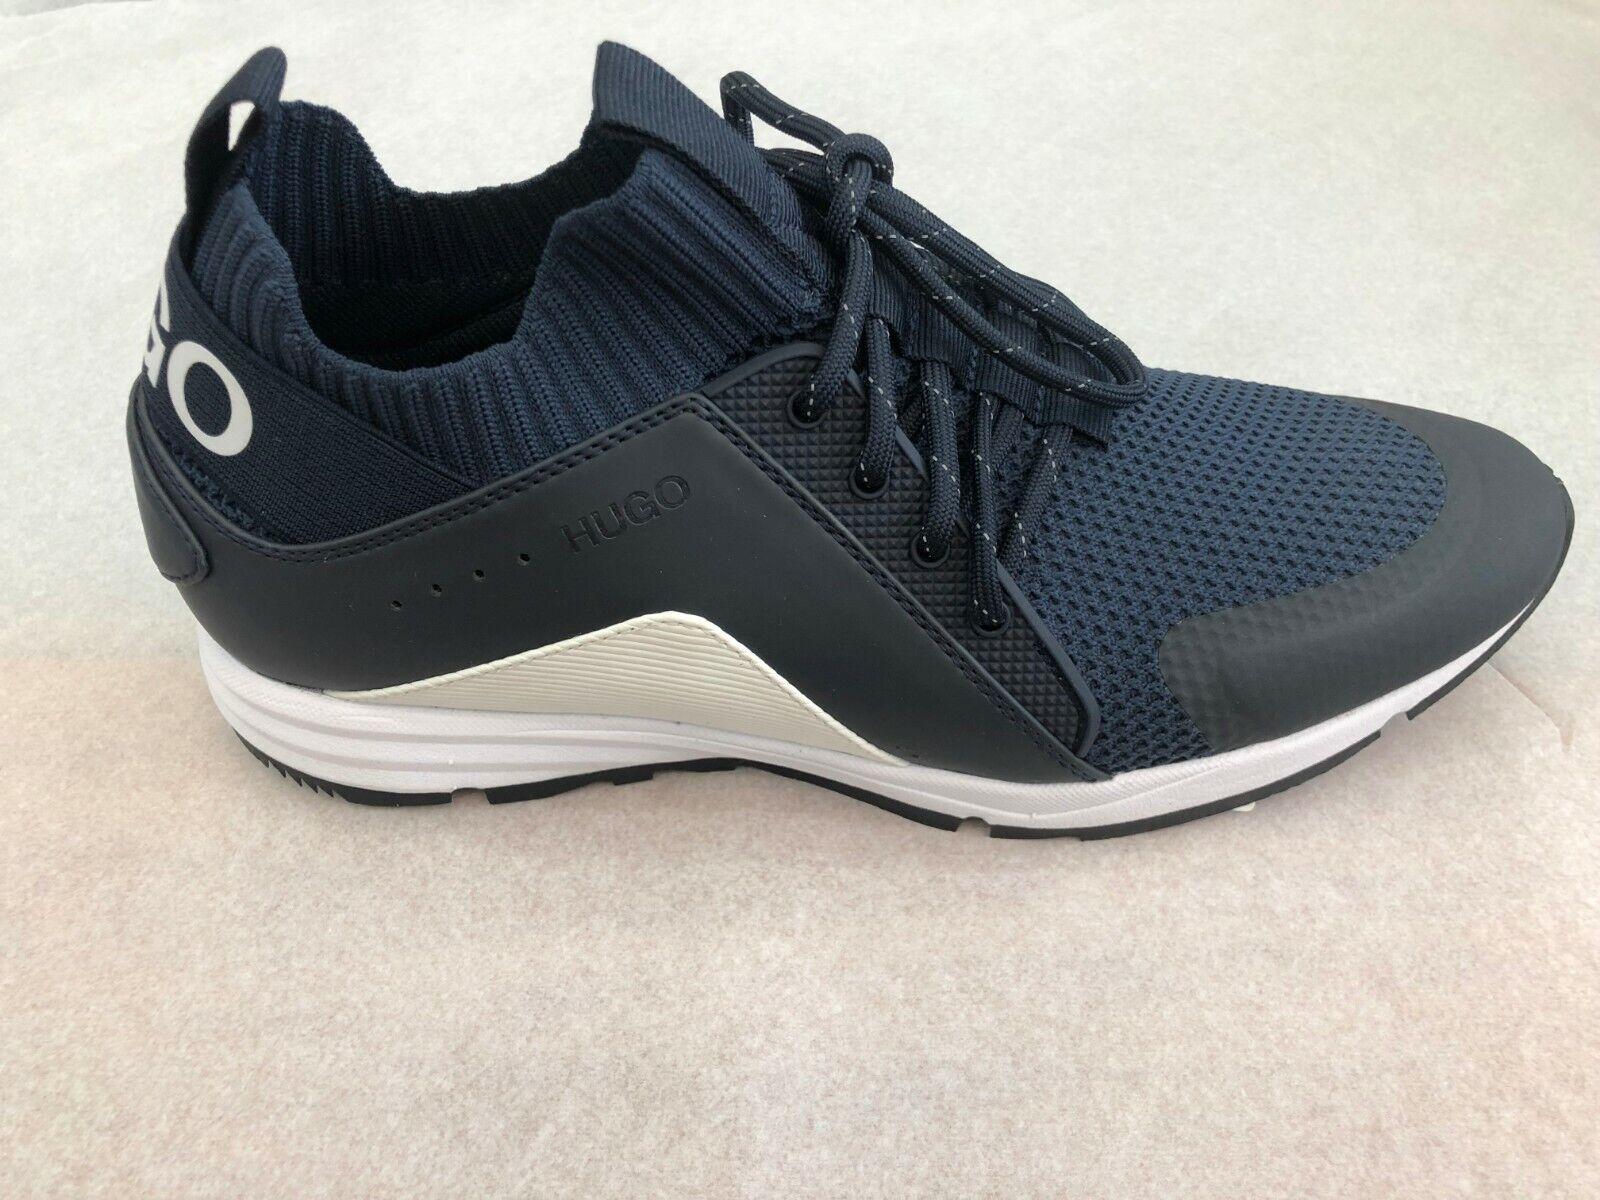 BOSS HUGO BOSS Men's Sneakers Hybrid Runn Knmx In 401 Dk bluee